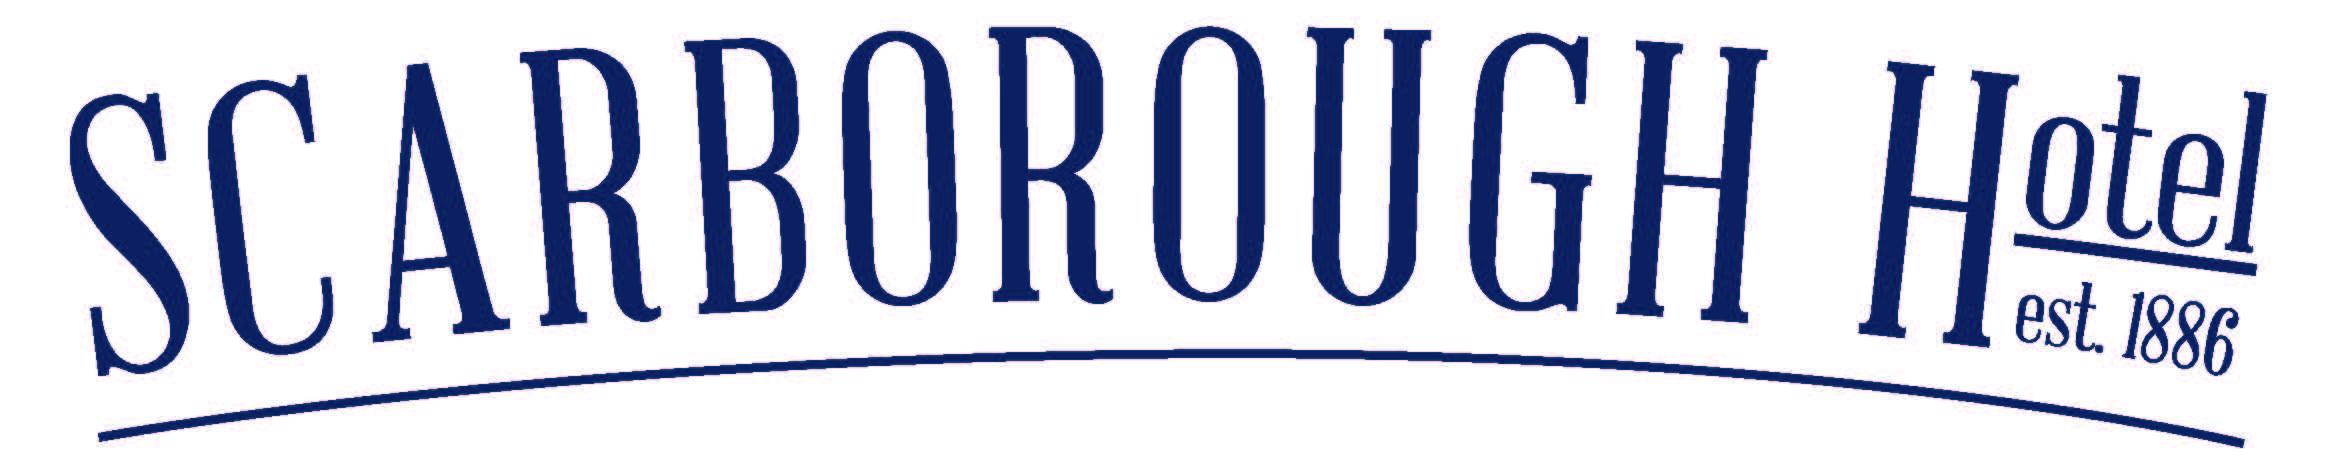 Logo-Horizontal-Main.jpg